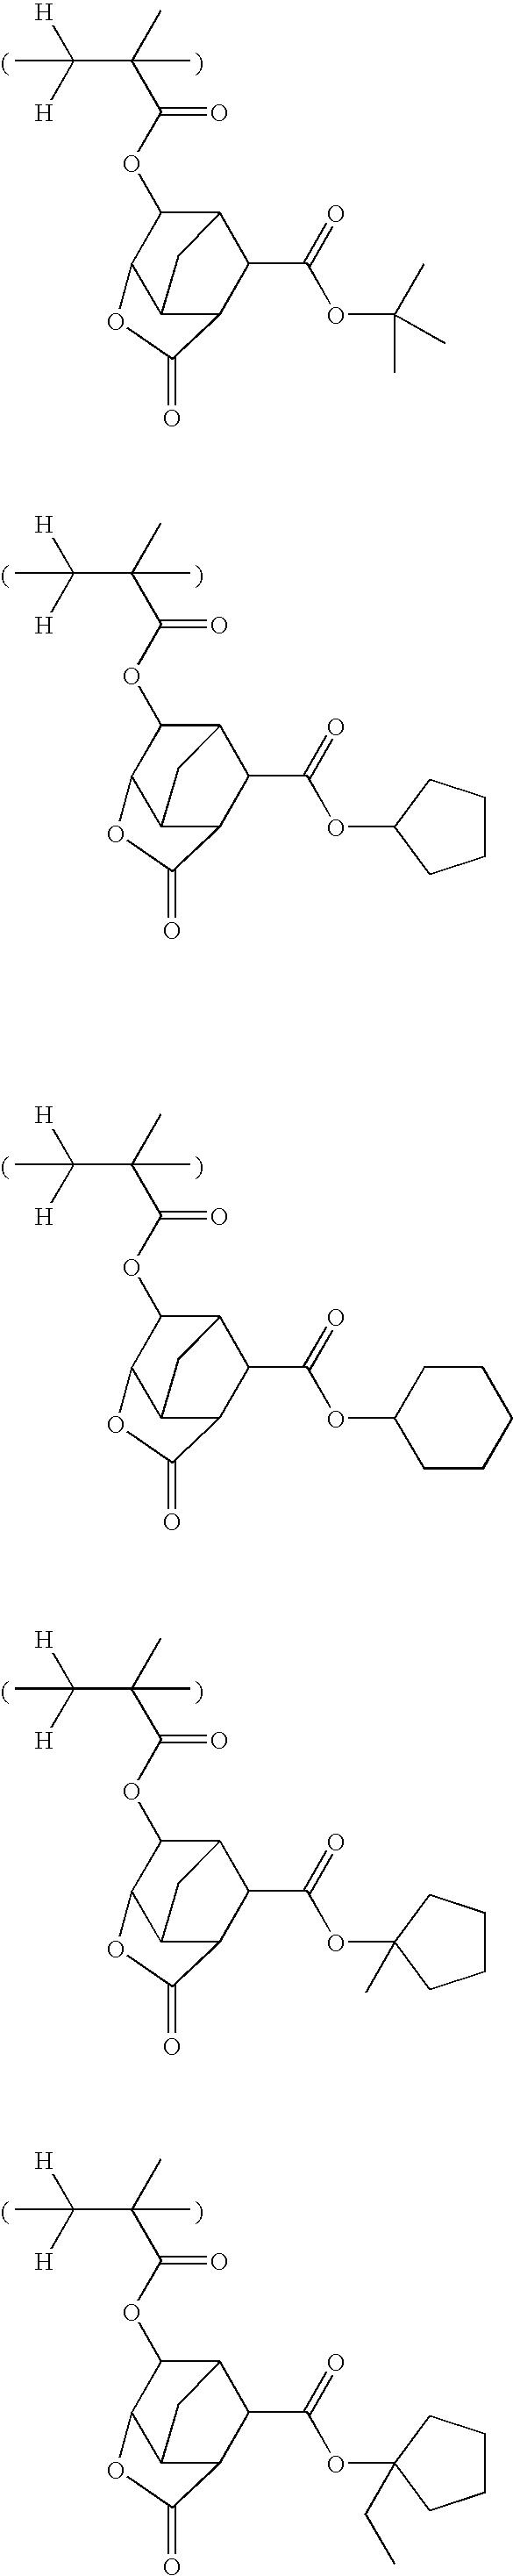 Figure US07771913-20100810-C00041